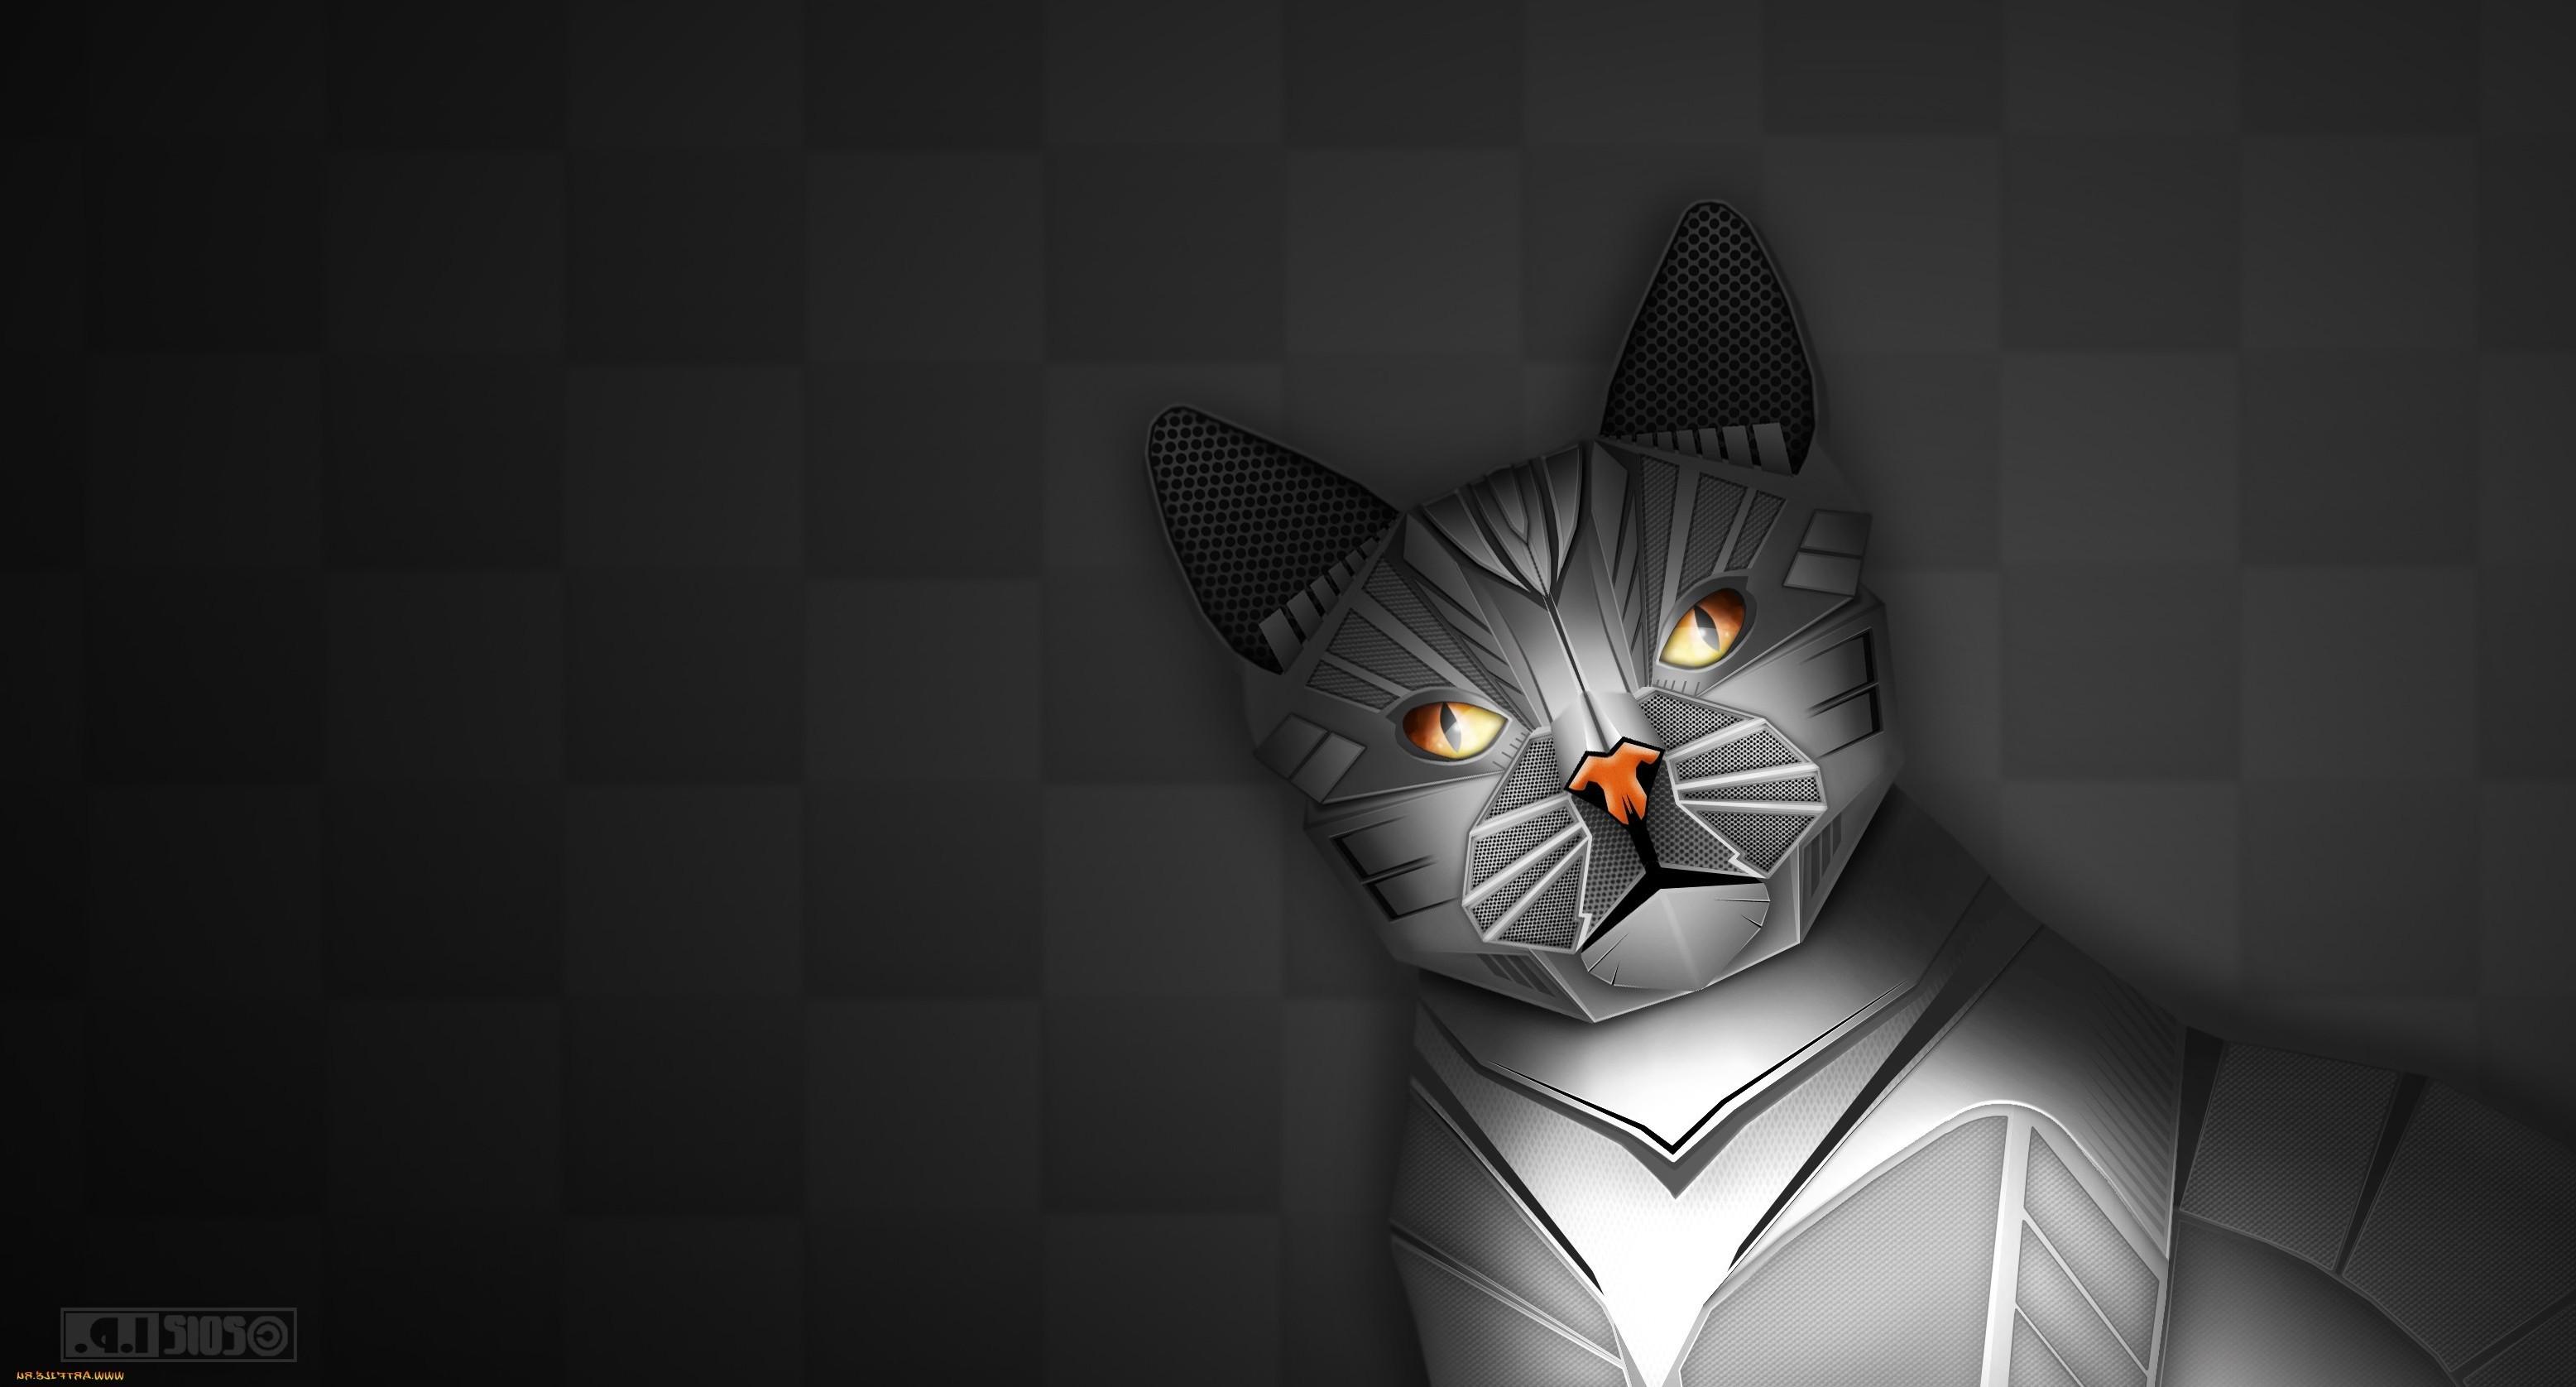 デスクトップ壁紙 図 ネコ ロボット アンドロイド 闇 スクリーンショット コンピュータの壁紙 黒と白 モノクロ写真 哺乳動物のような猫 3113x1676 Px 3113x1676 Wallhaven デスクトップ壁紙 Wallhere